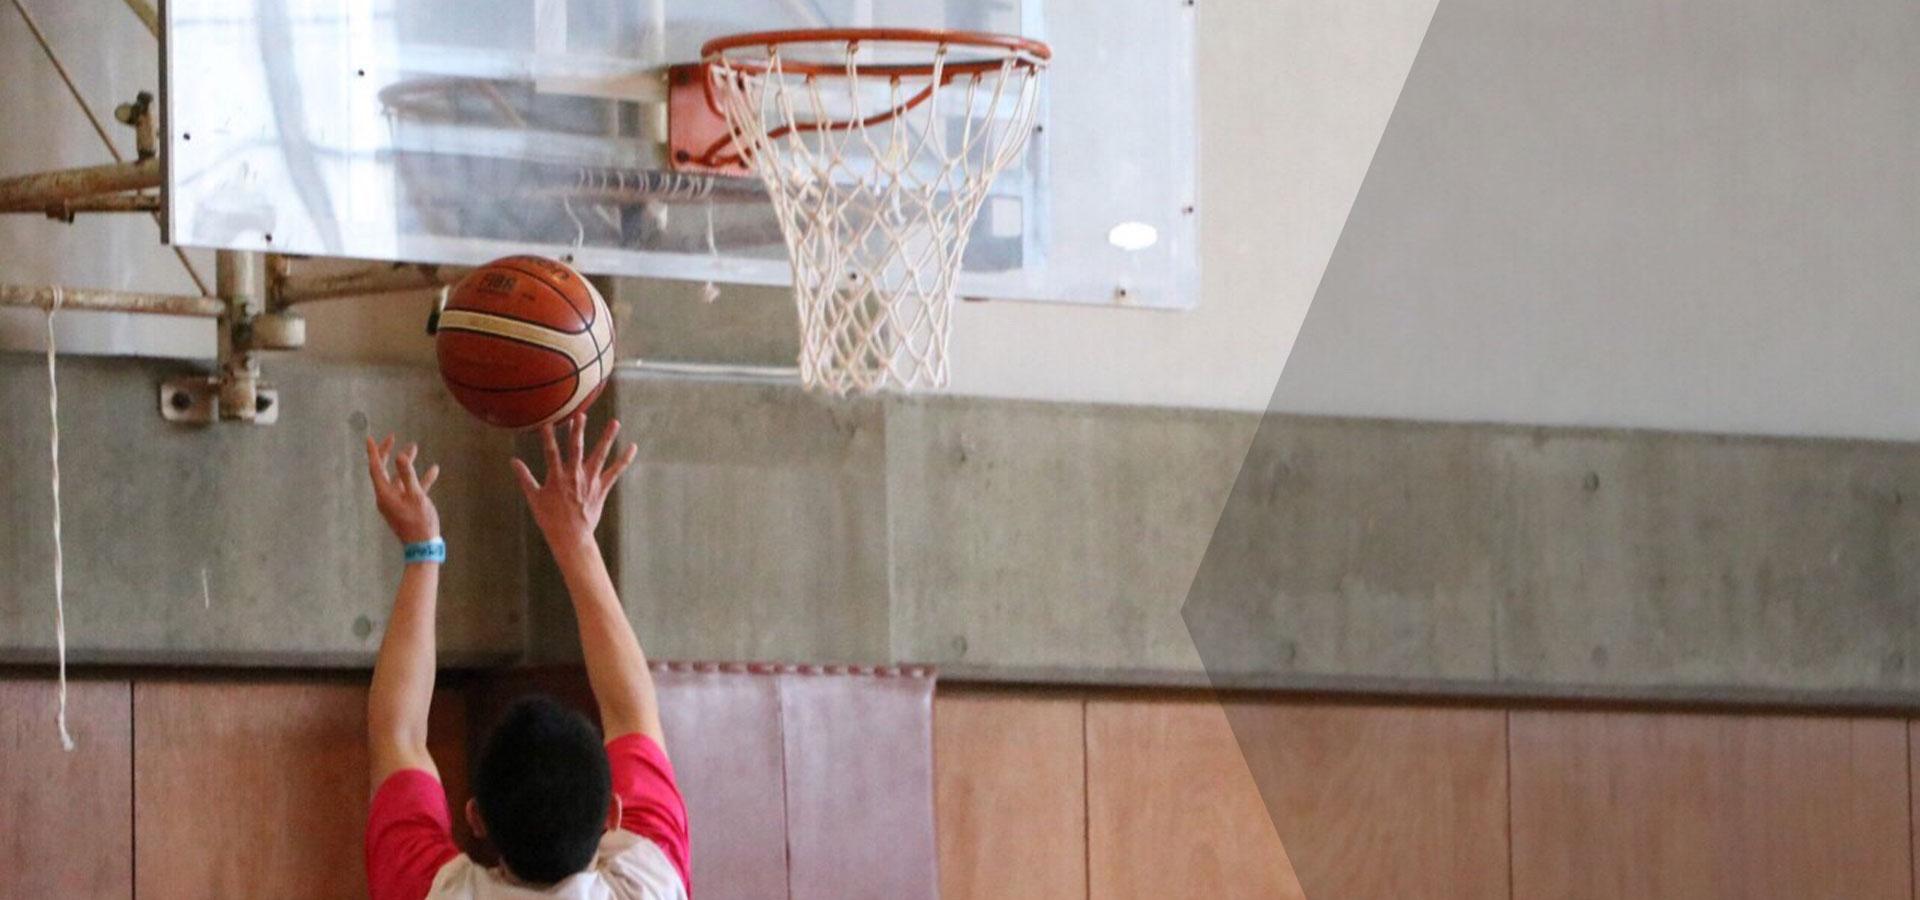 「バスケットボールを、遊びつくそう。」一般社団法人バスケットボール推進会